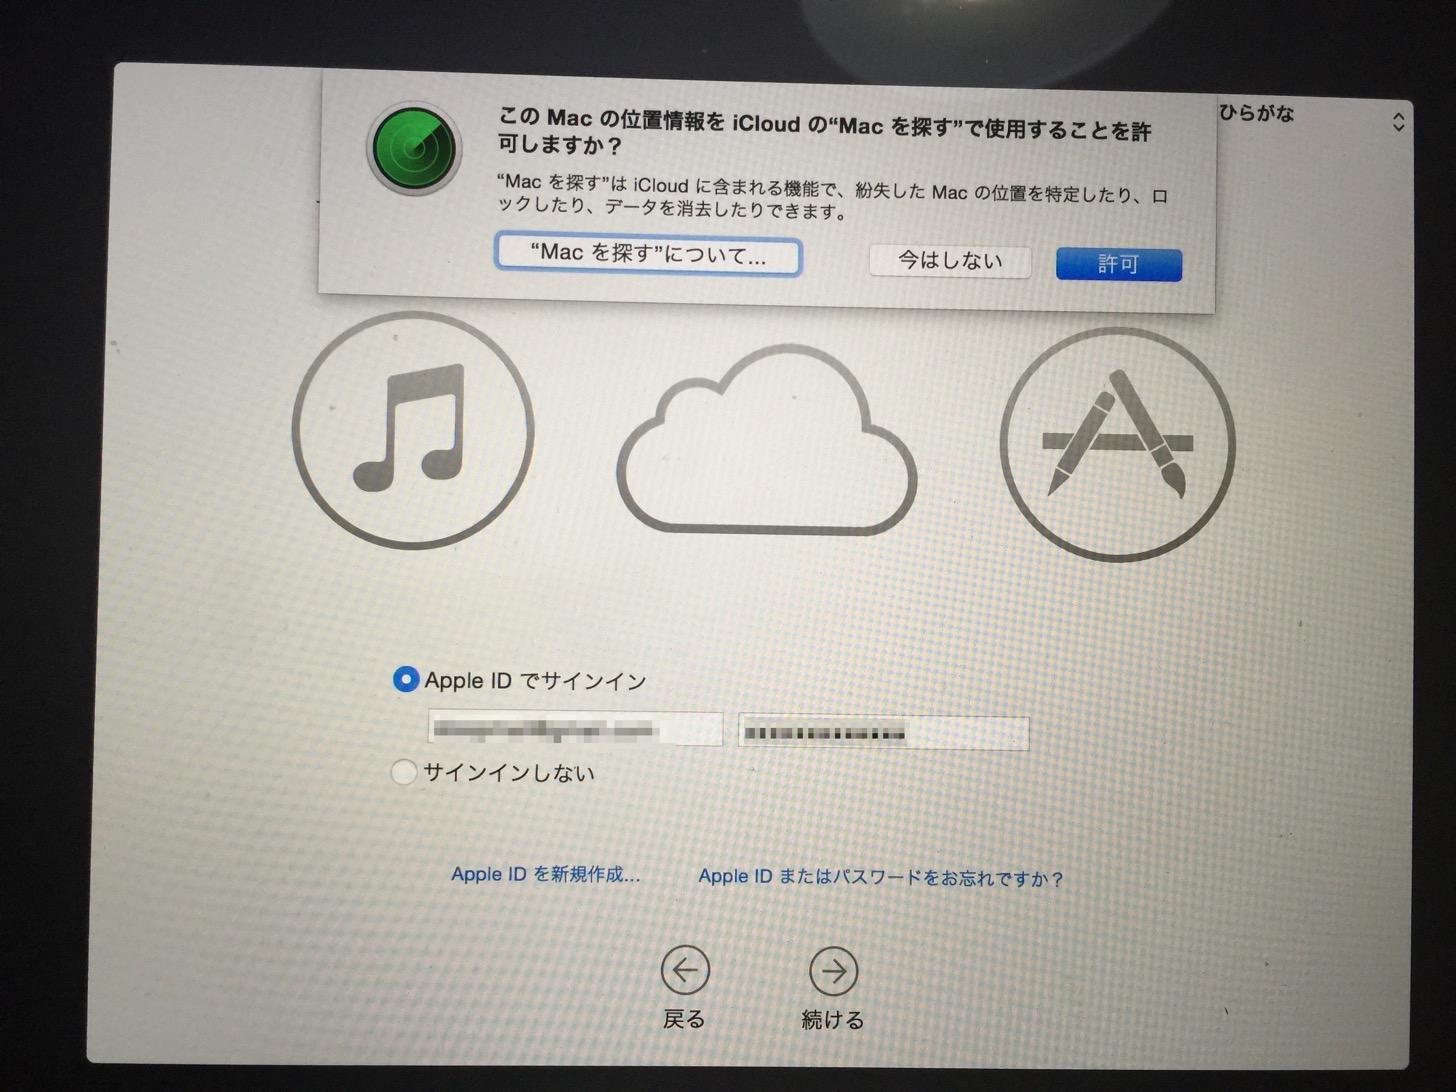 このMacの位置情報をiCloudのMacを探すで使用することを許可しますか?